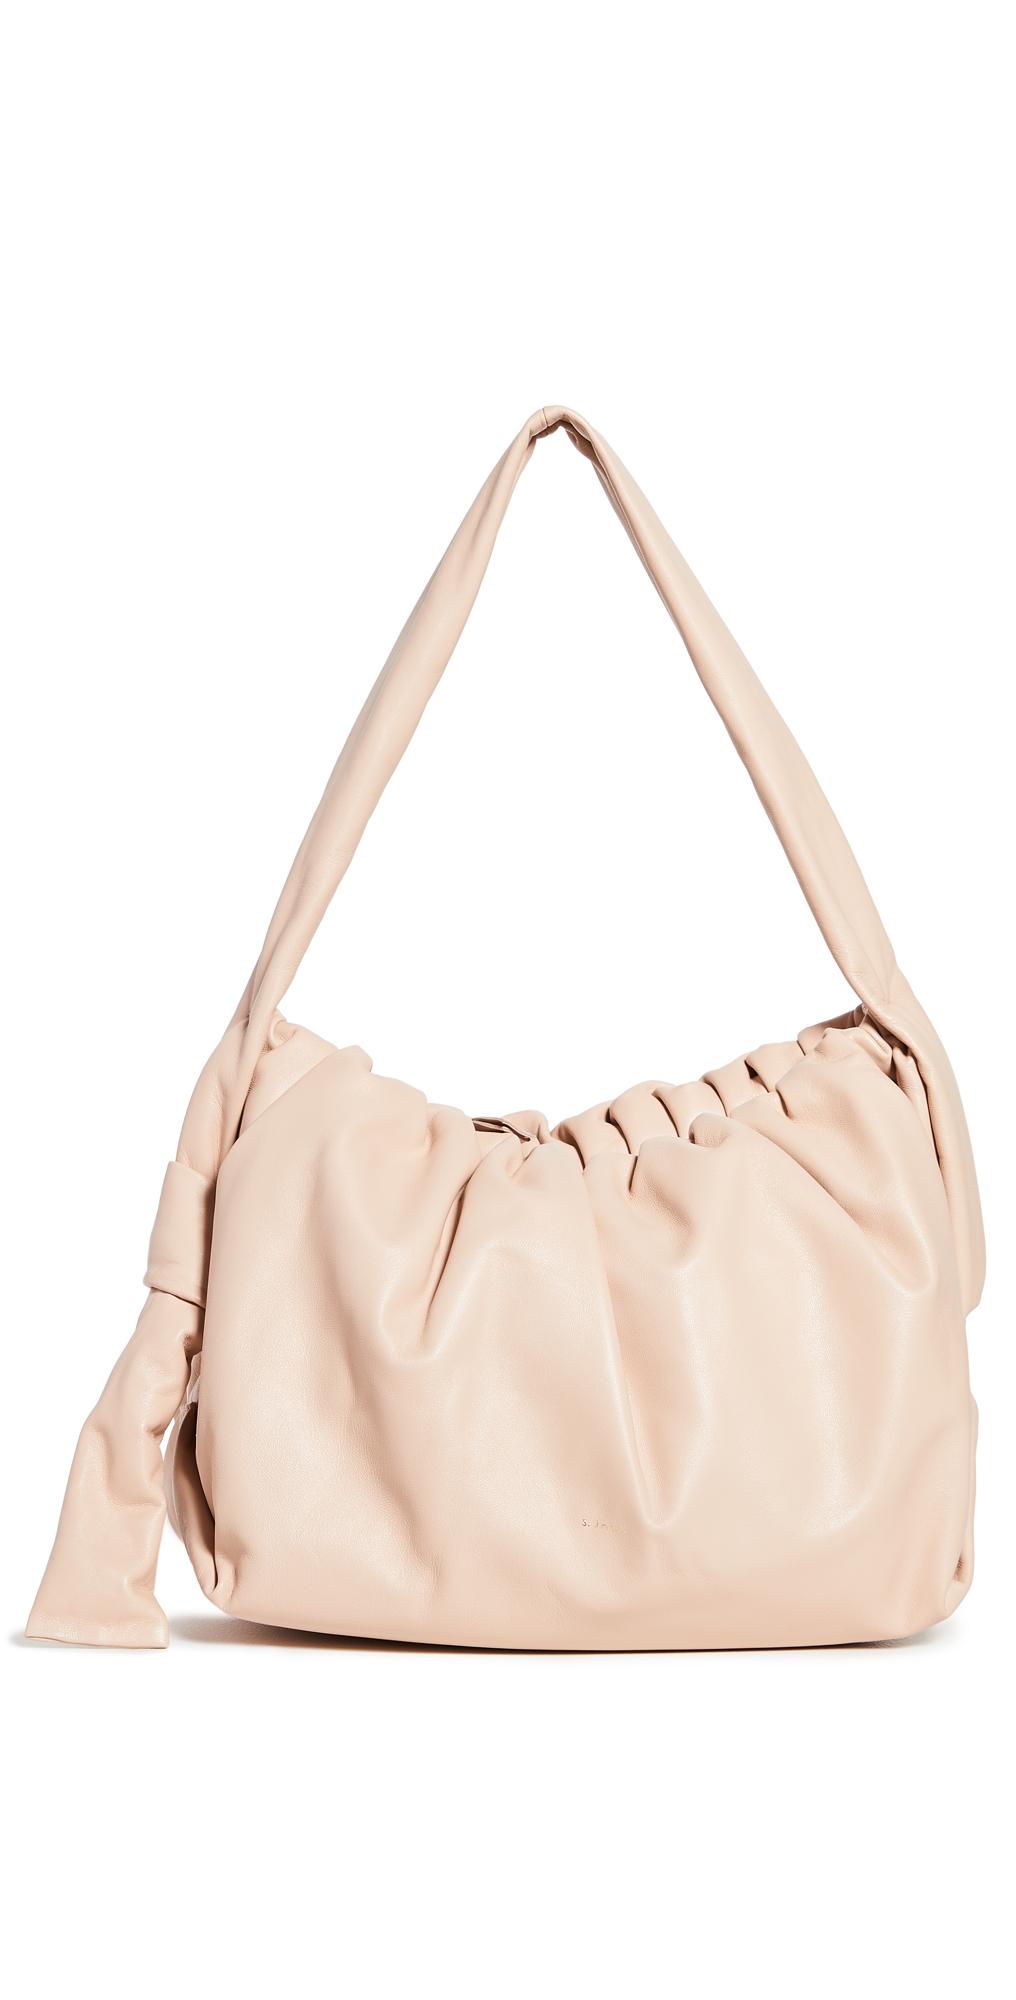 S.Joon Bao Bag